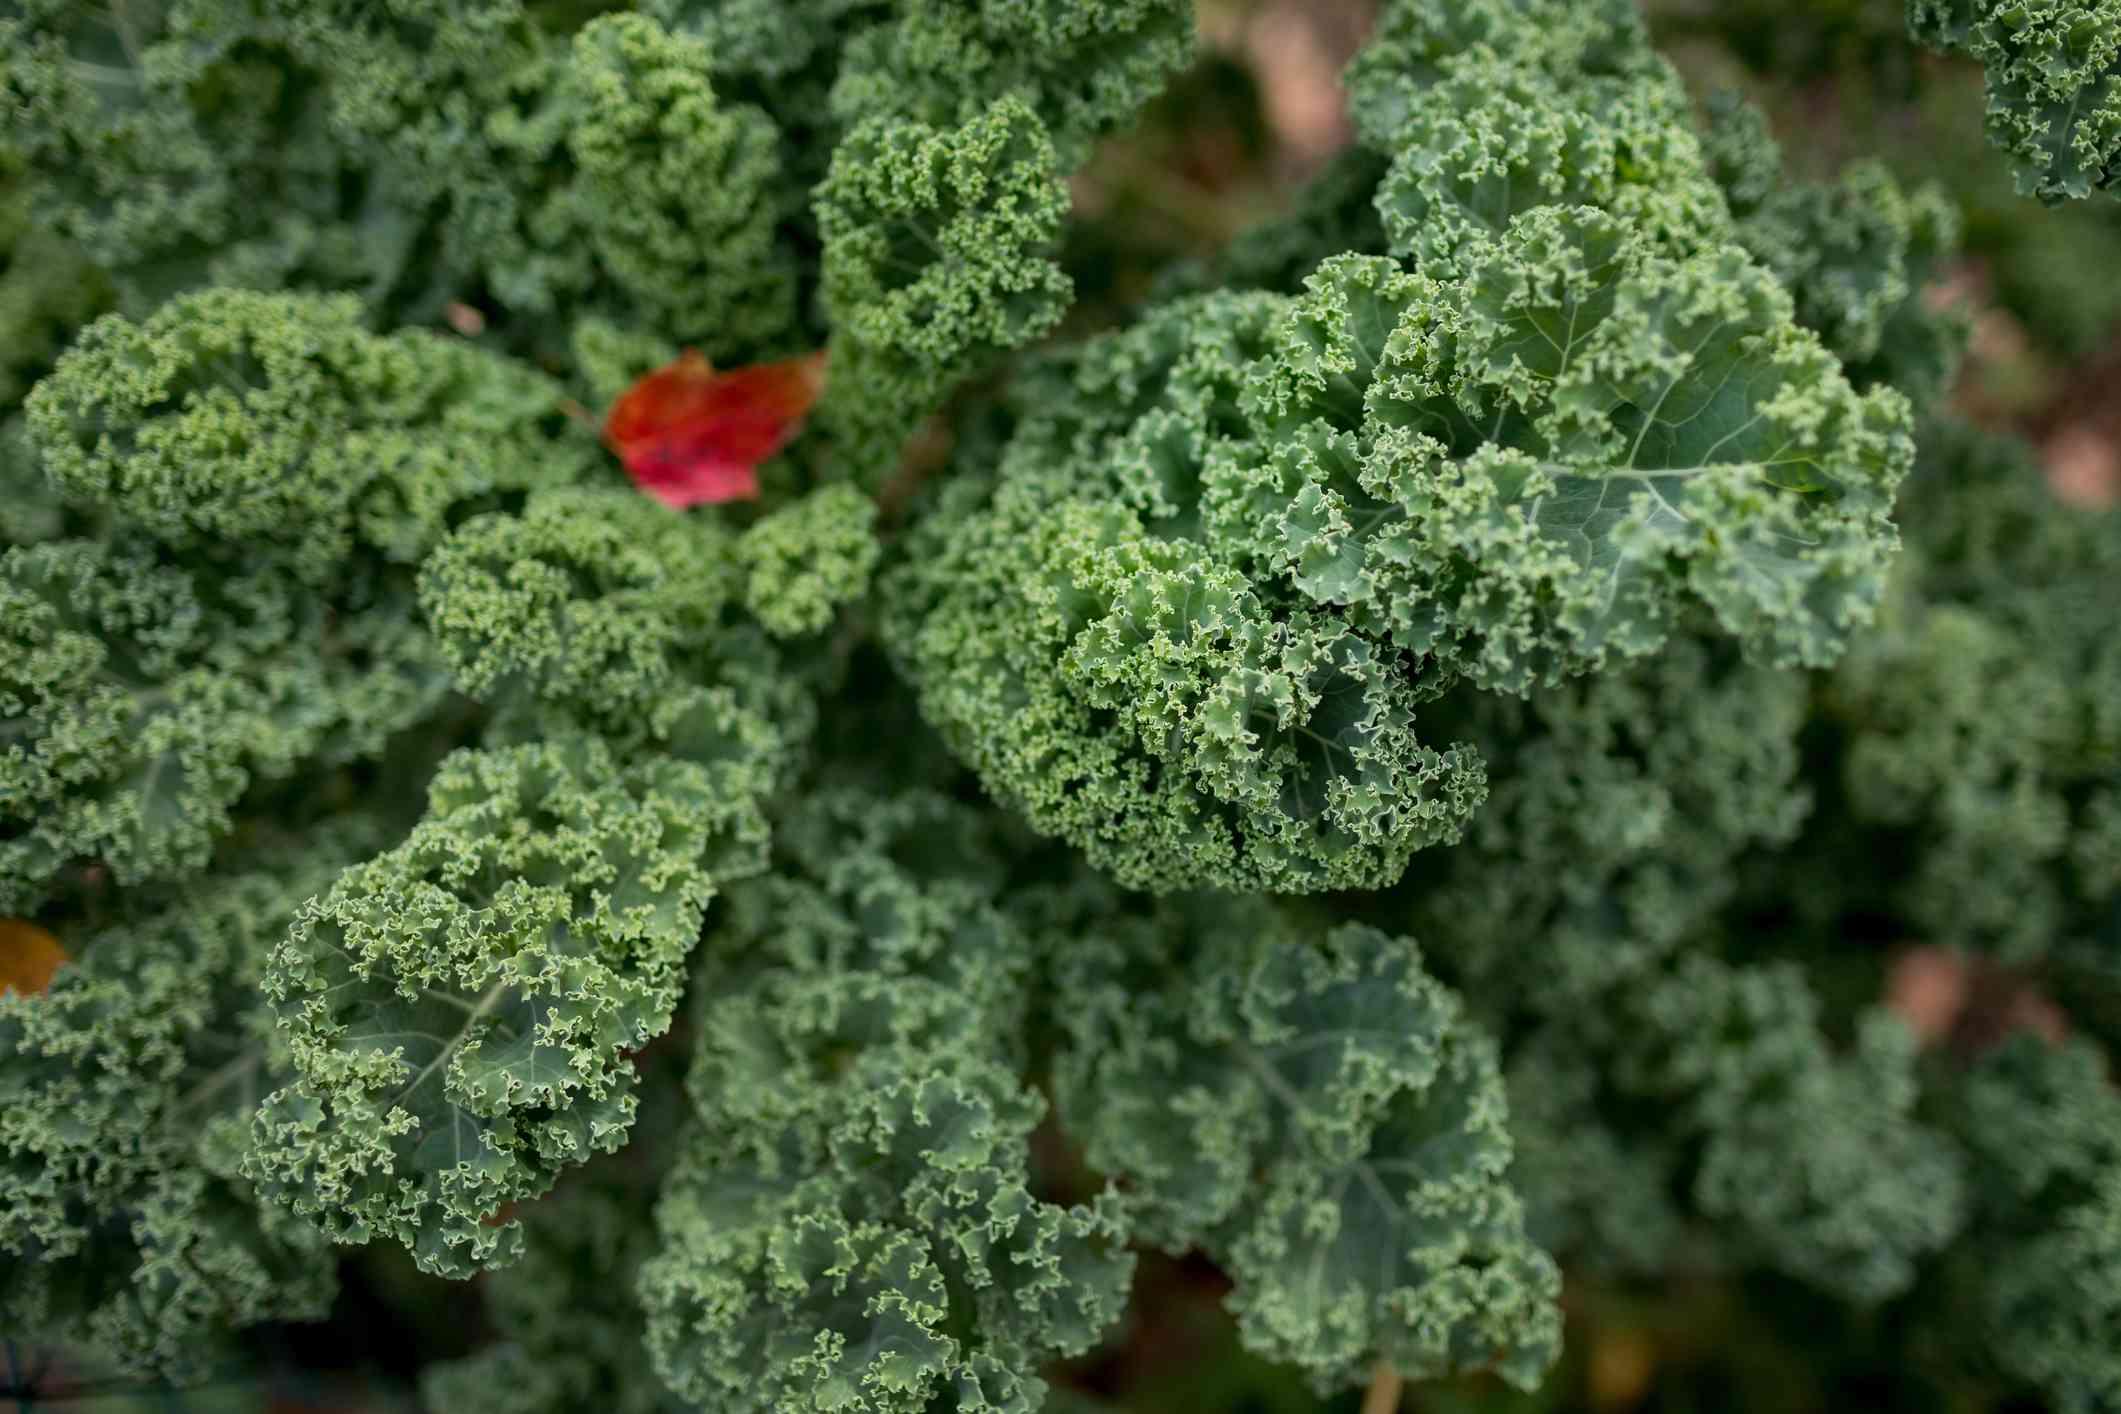 A closeup shot of a kale plant in a garden